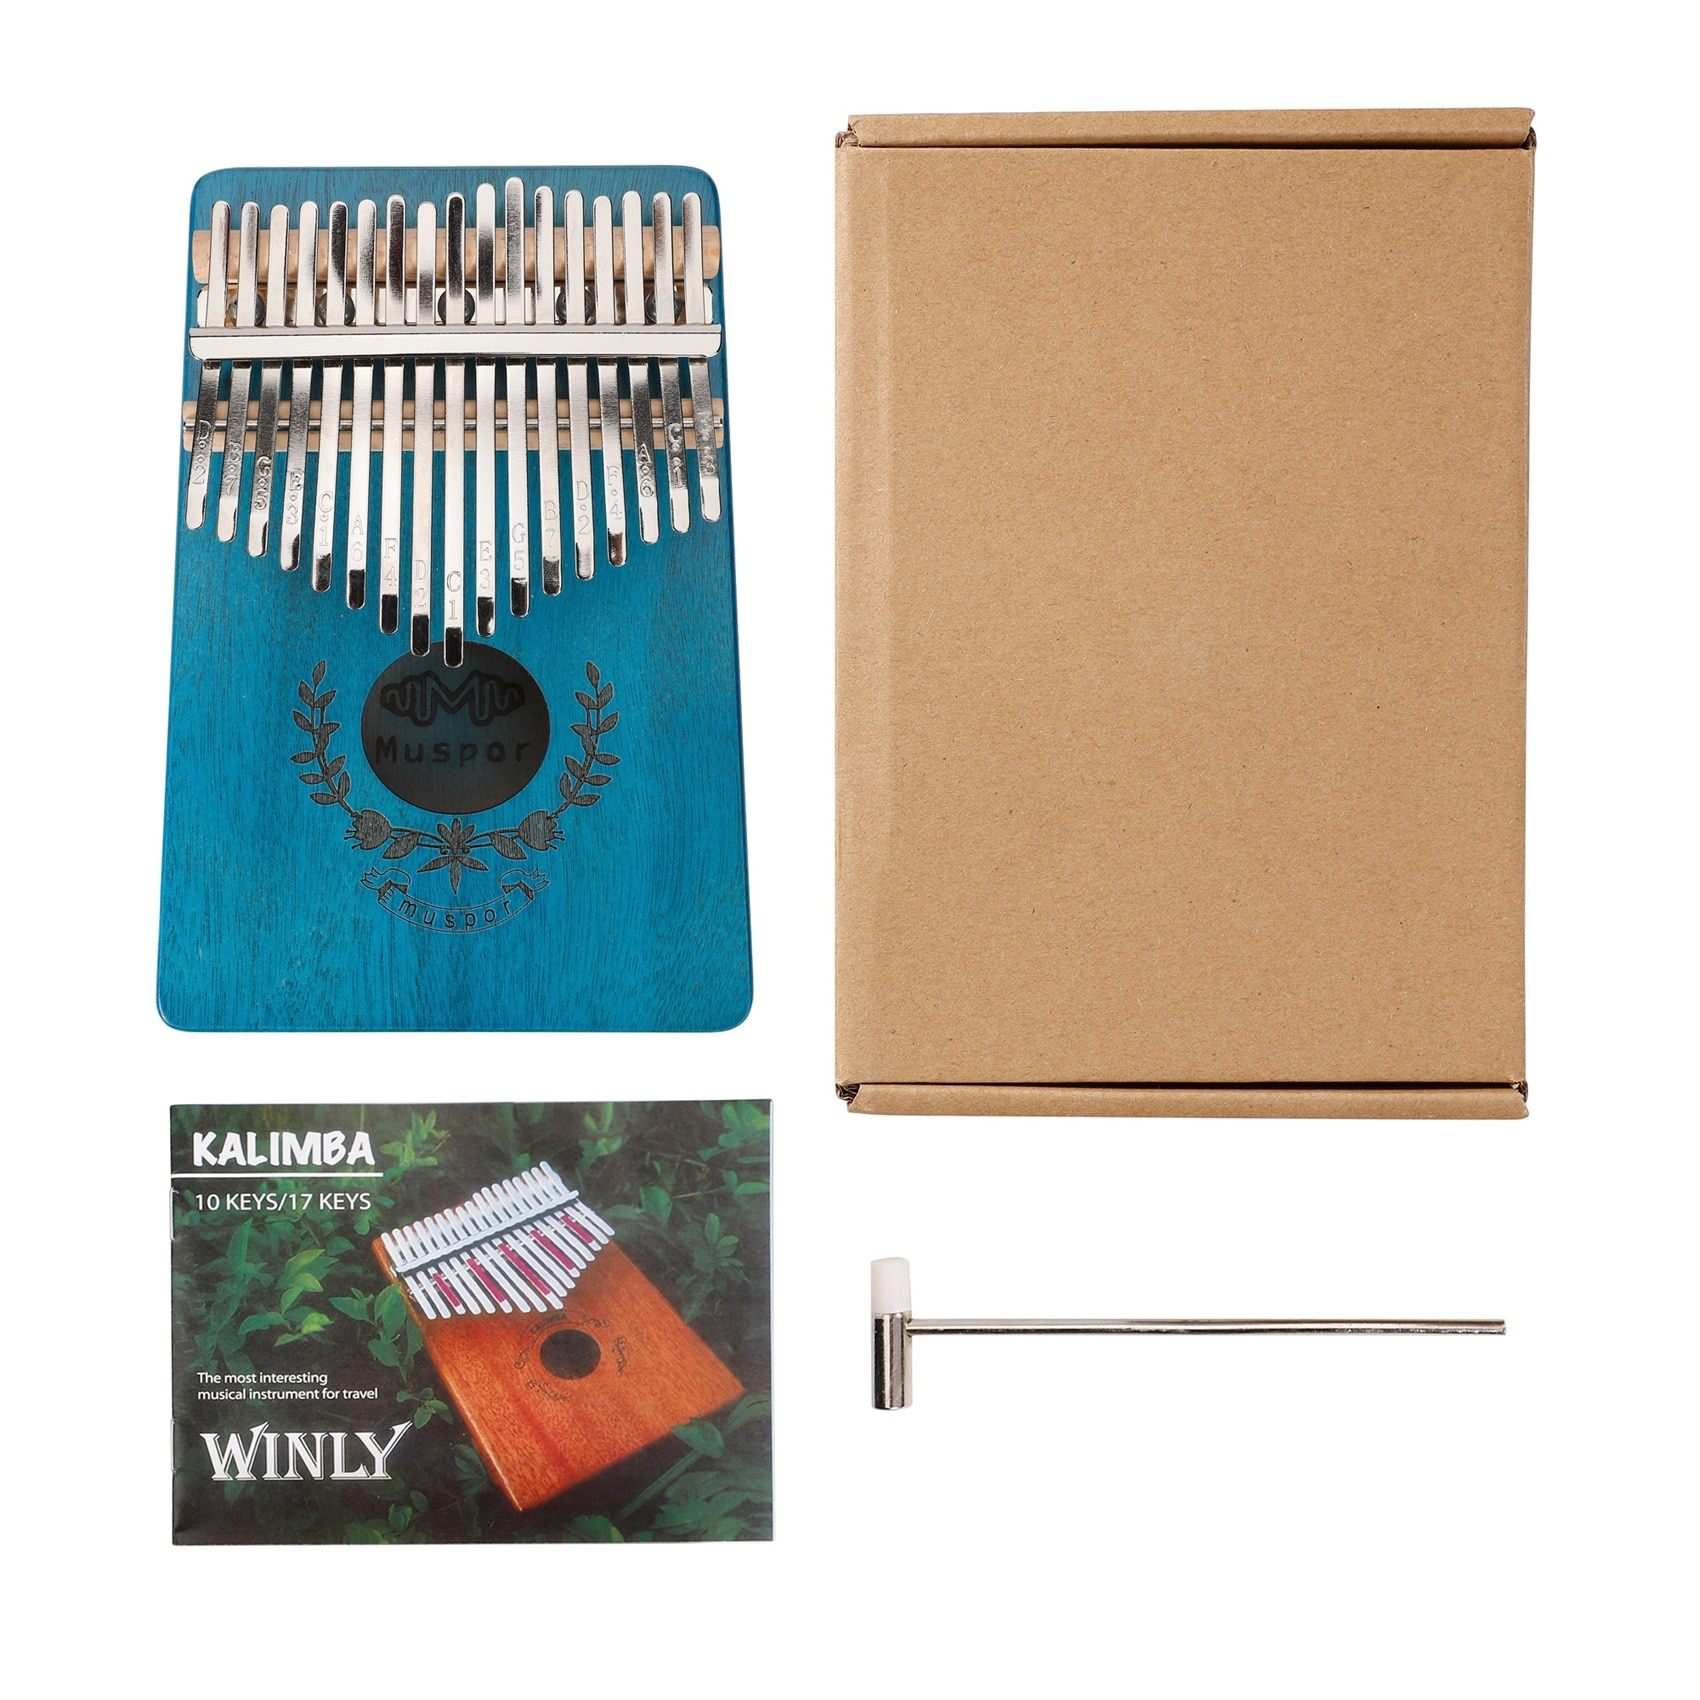 Muspor 17 Keys Veneer Mahogany Thumb Piano Mahogany Kalimba Musical Instruments (garland Style) enlarge